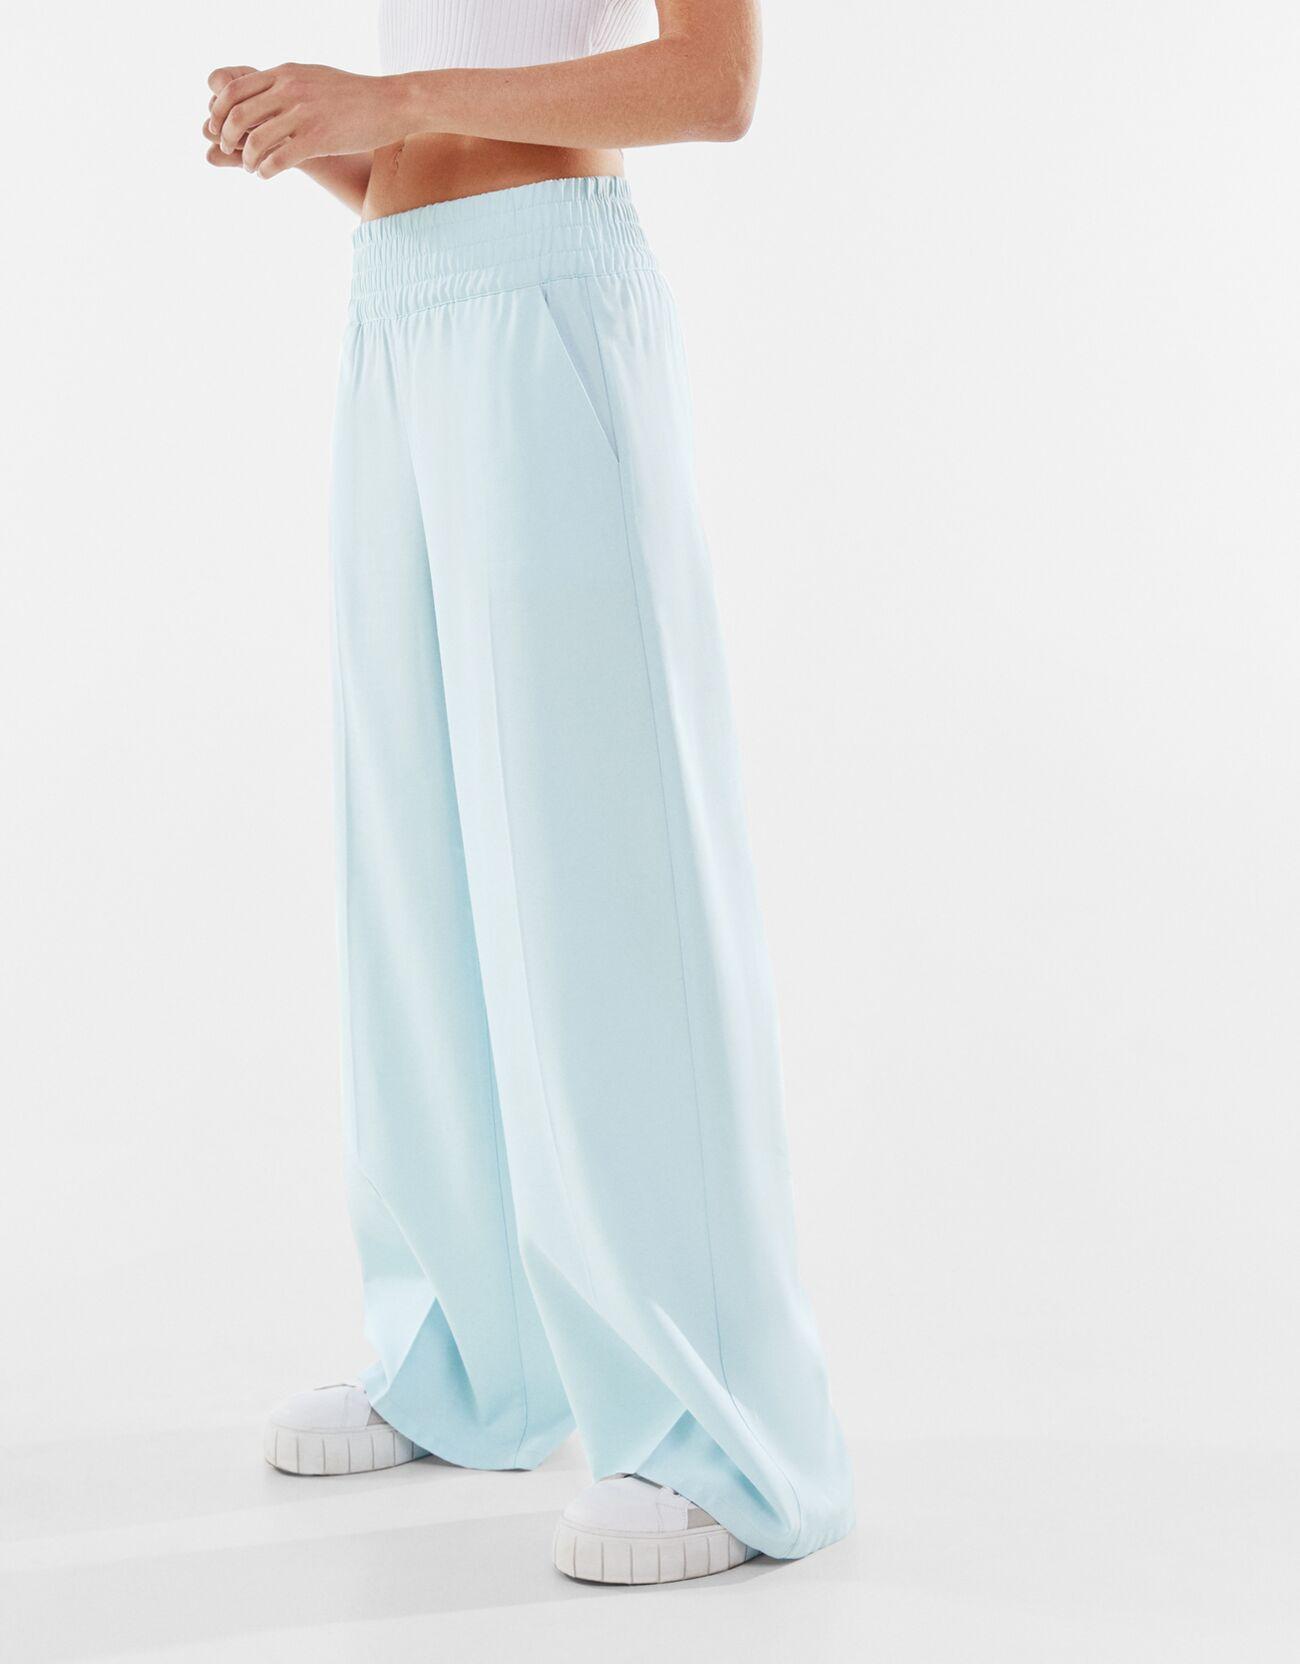 bershka -  Fließende Wide Leg Hose Damen M Hellblau